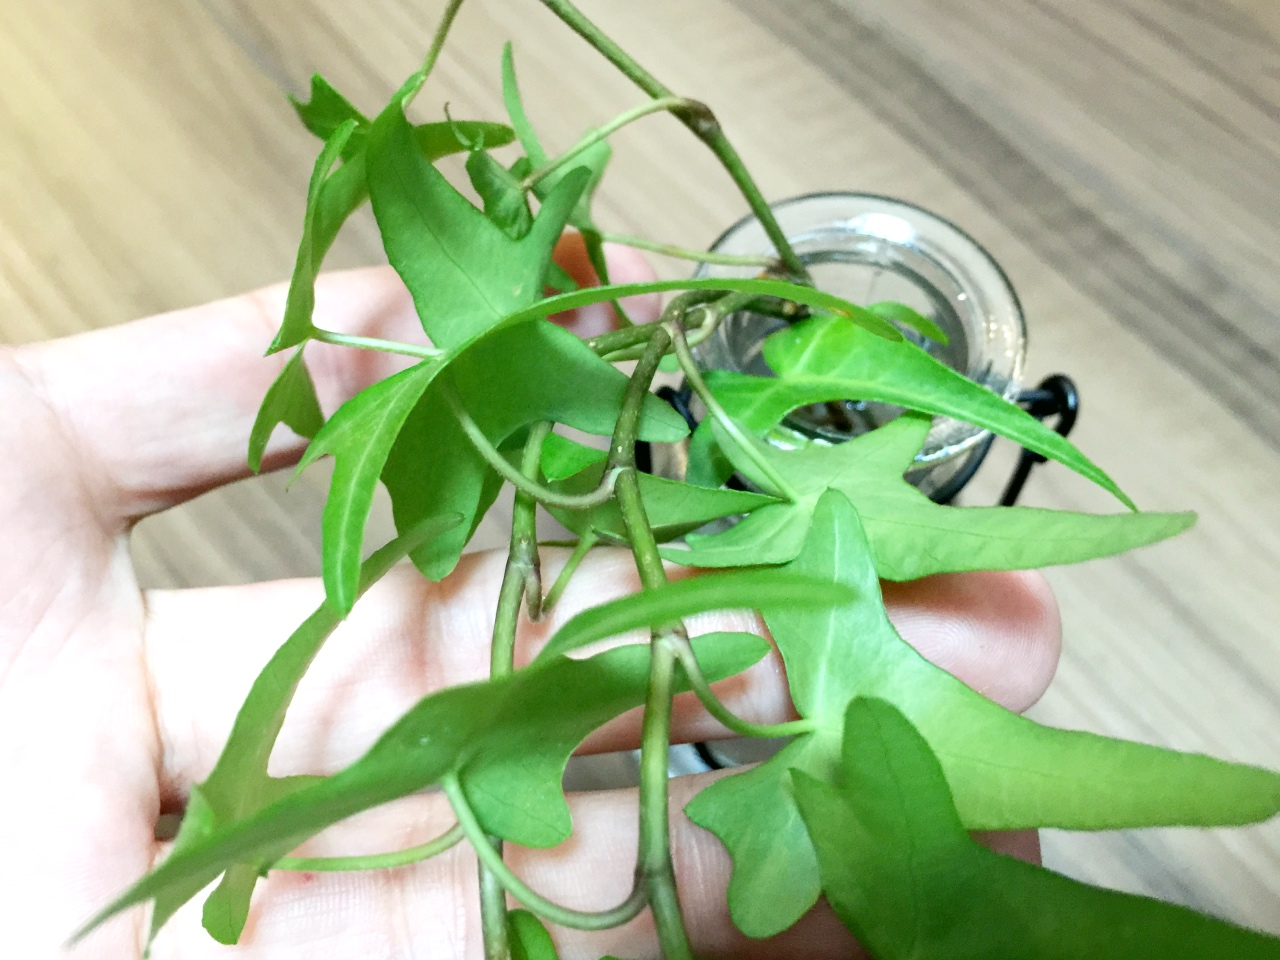 無印良品の壁にかけられる観葉植物のカンタン植え替え方法